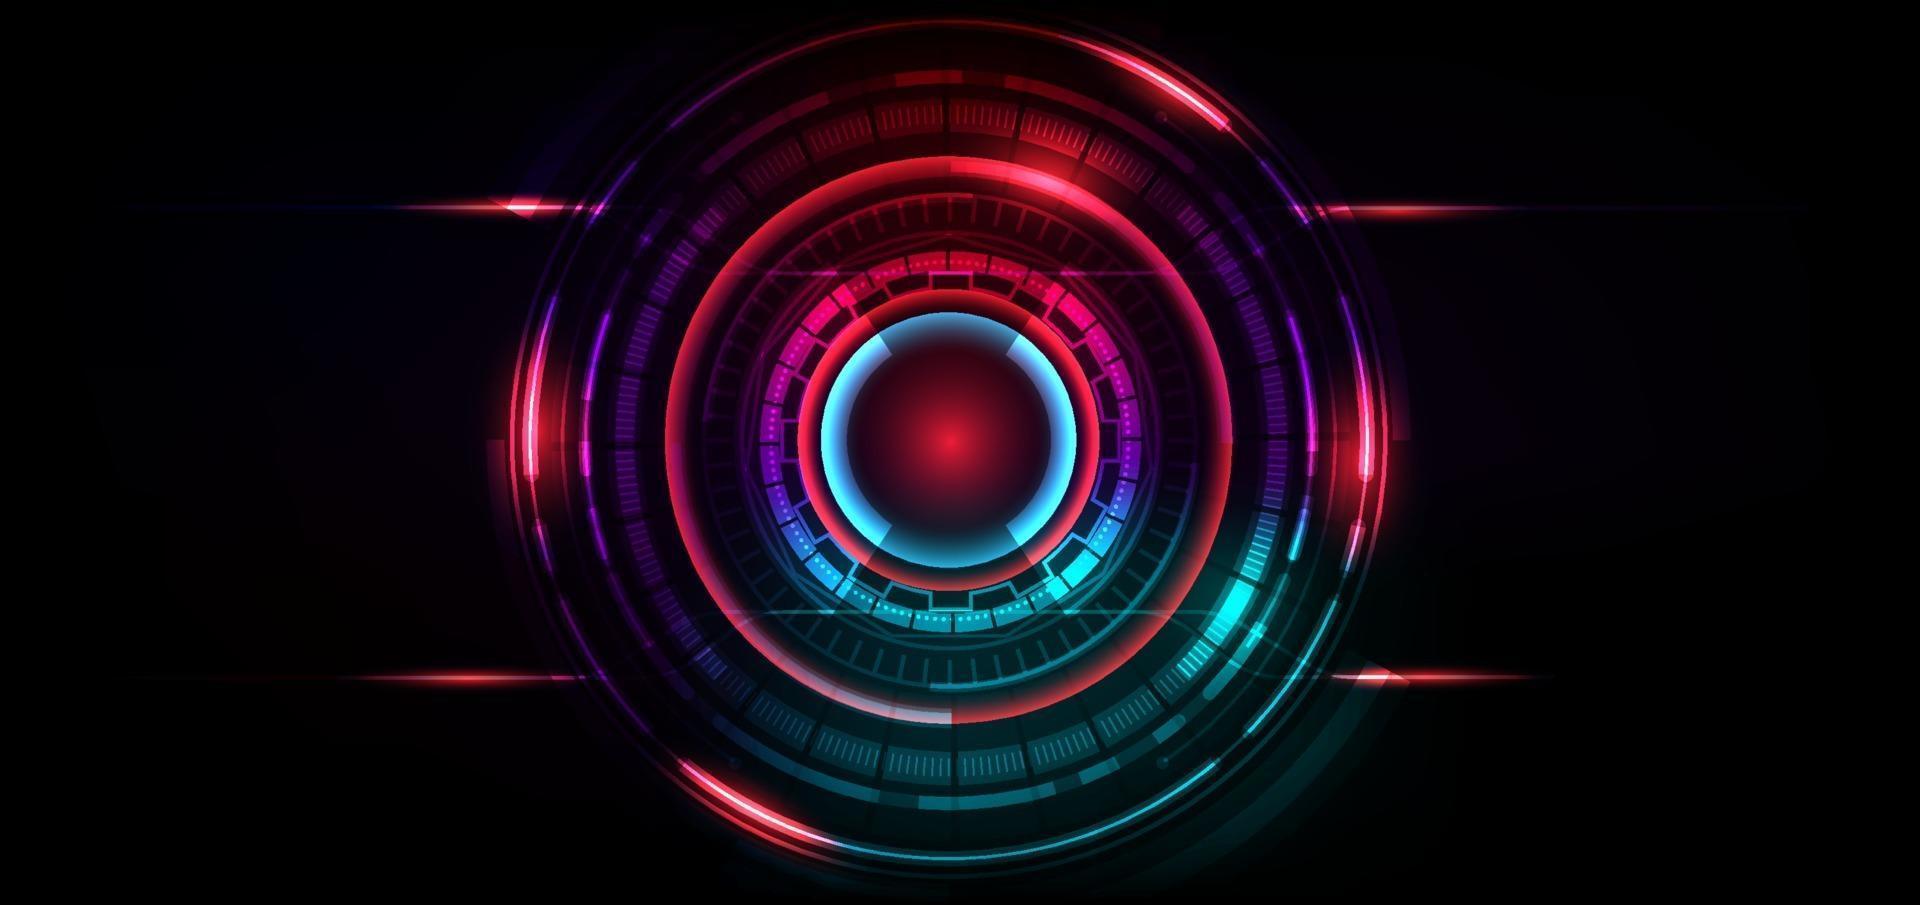 abstrakt futuristisk teknikbakgrund. hud cirkel element. vektor